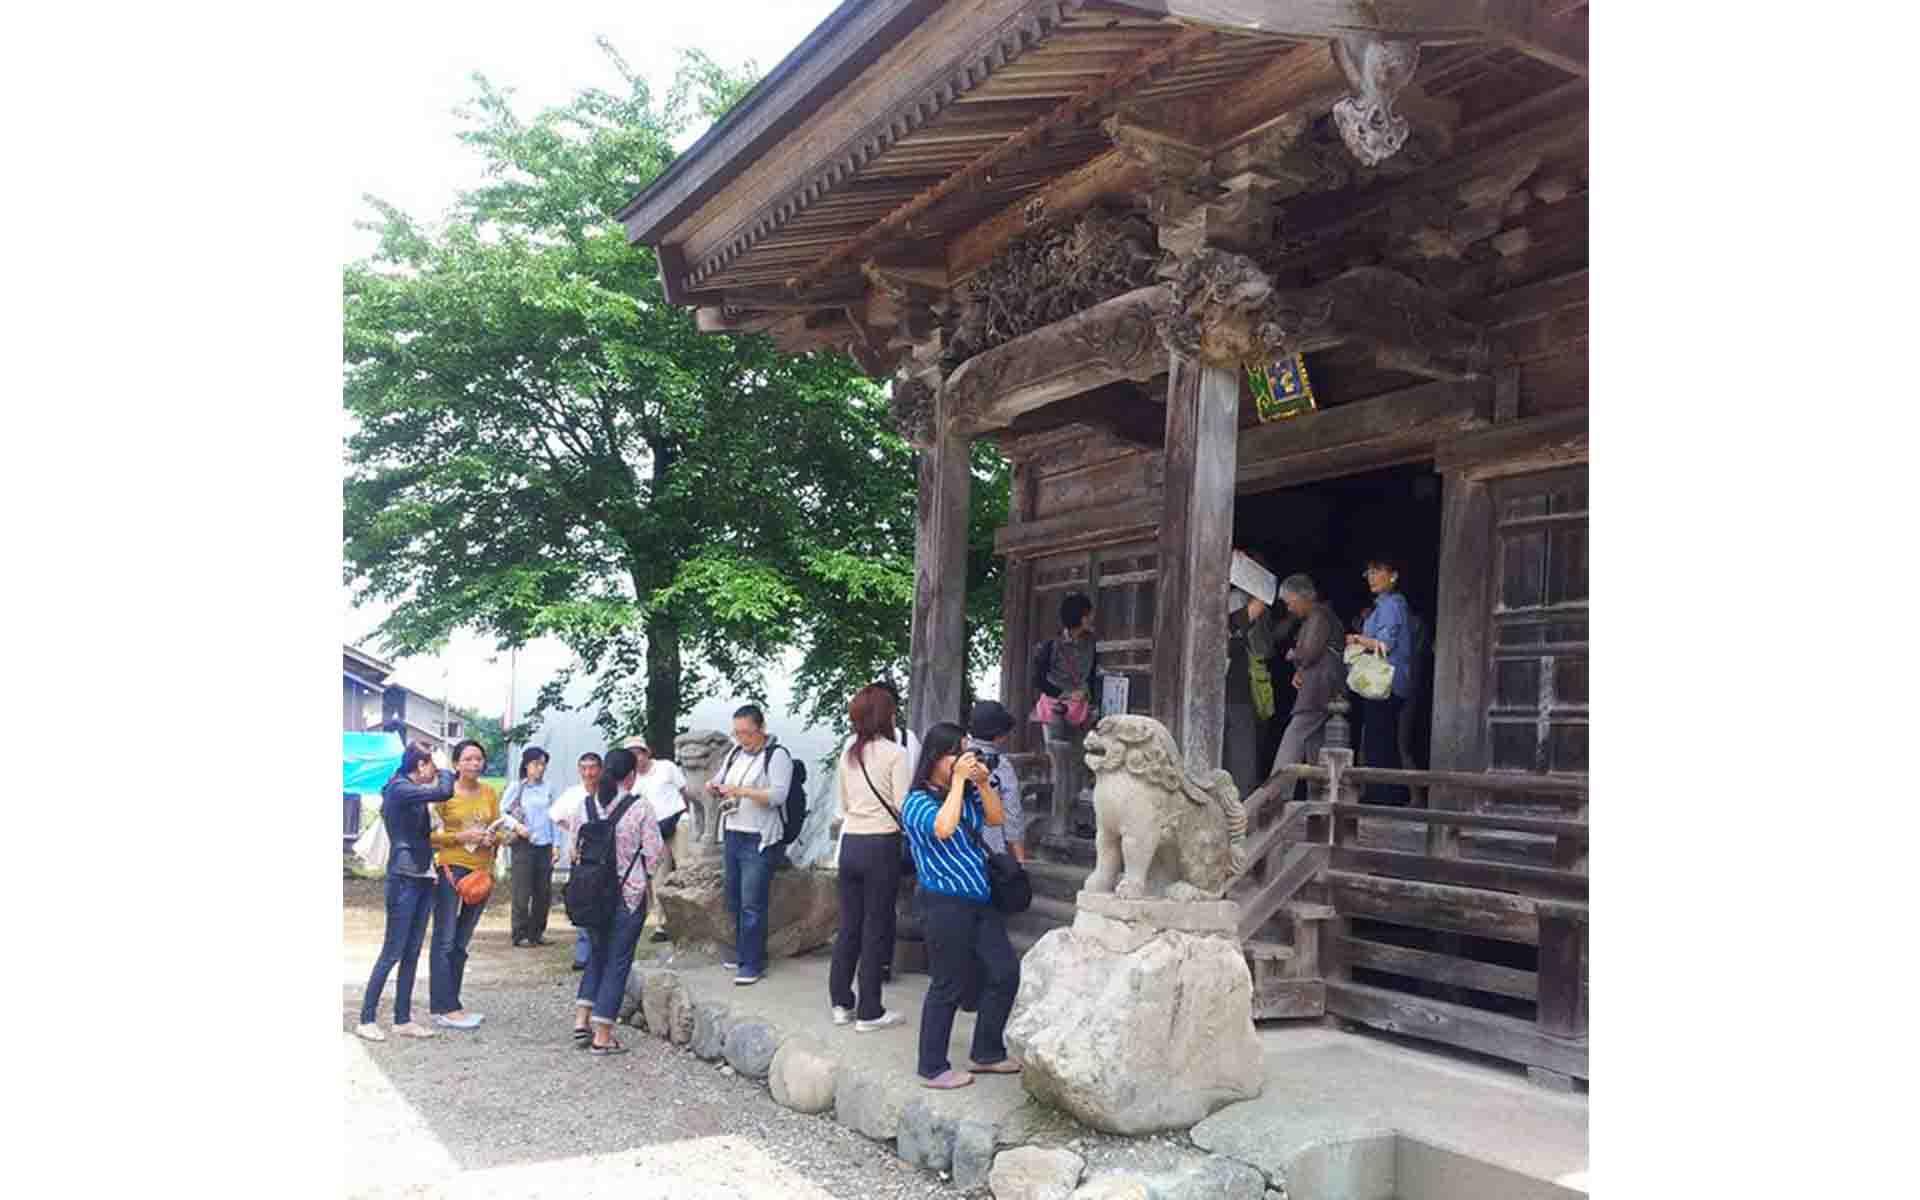 雲蝶ツアーの様子(写真提供:中島すい子)